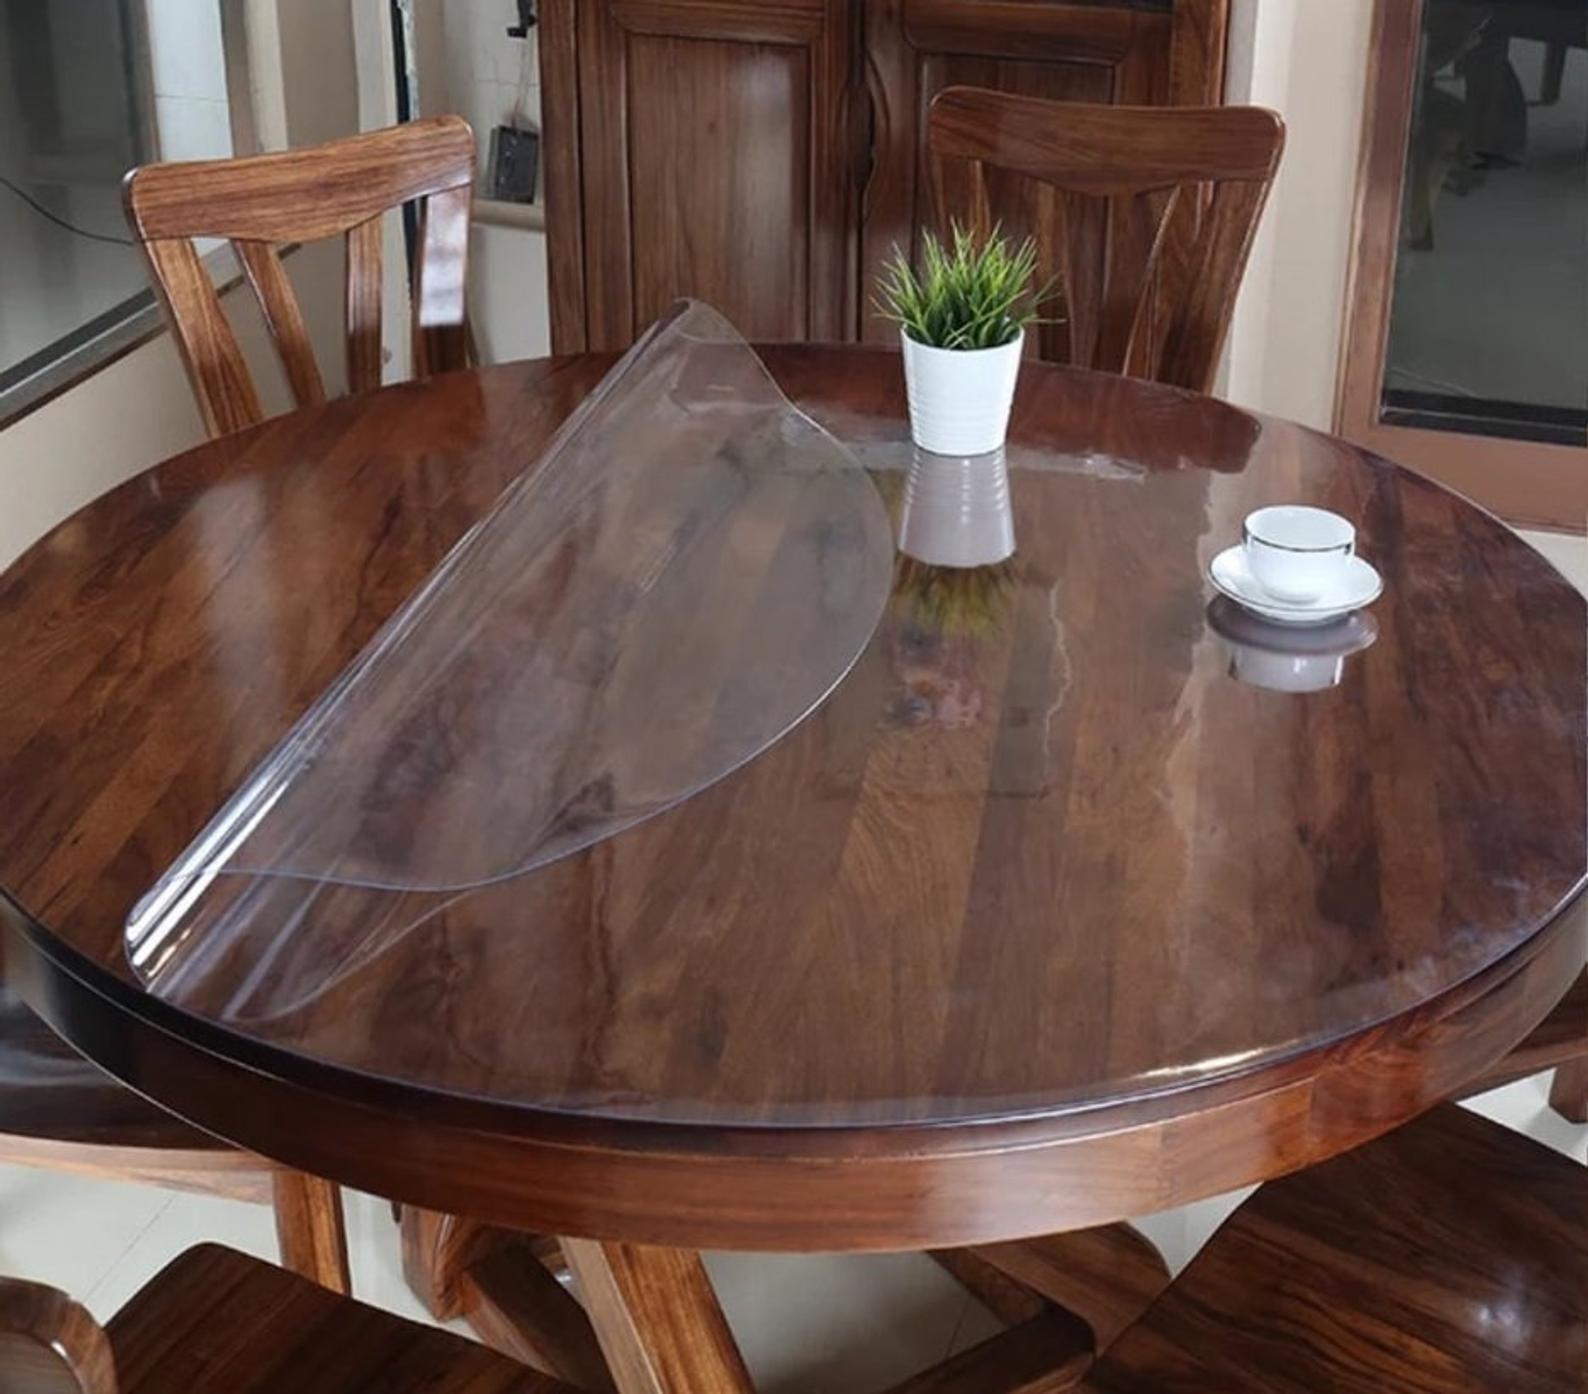 imperméable nappe Clear pvc table /& surface protecteur qualité premium